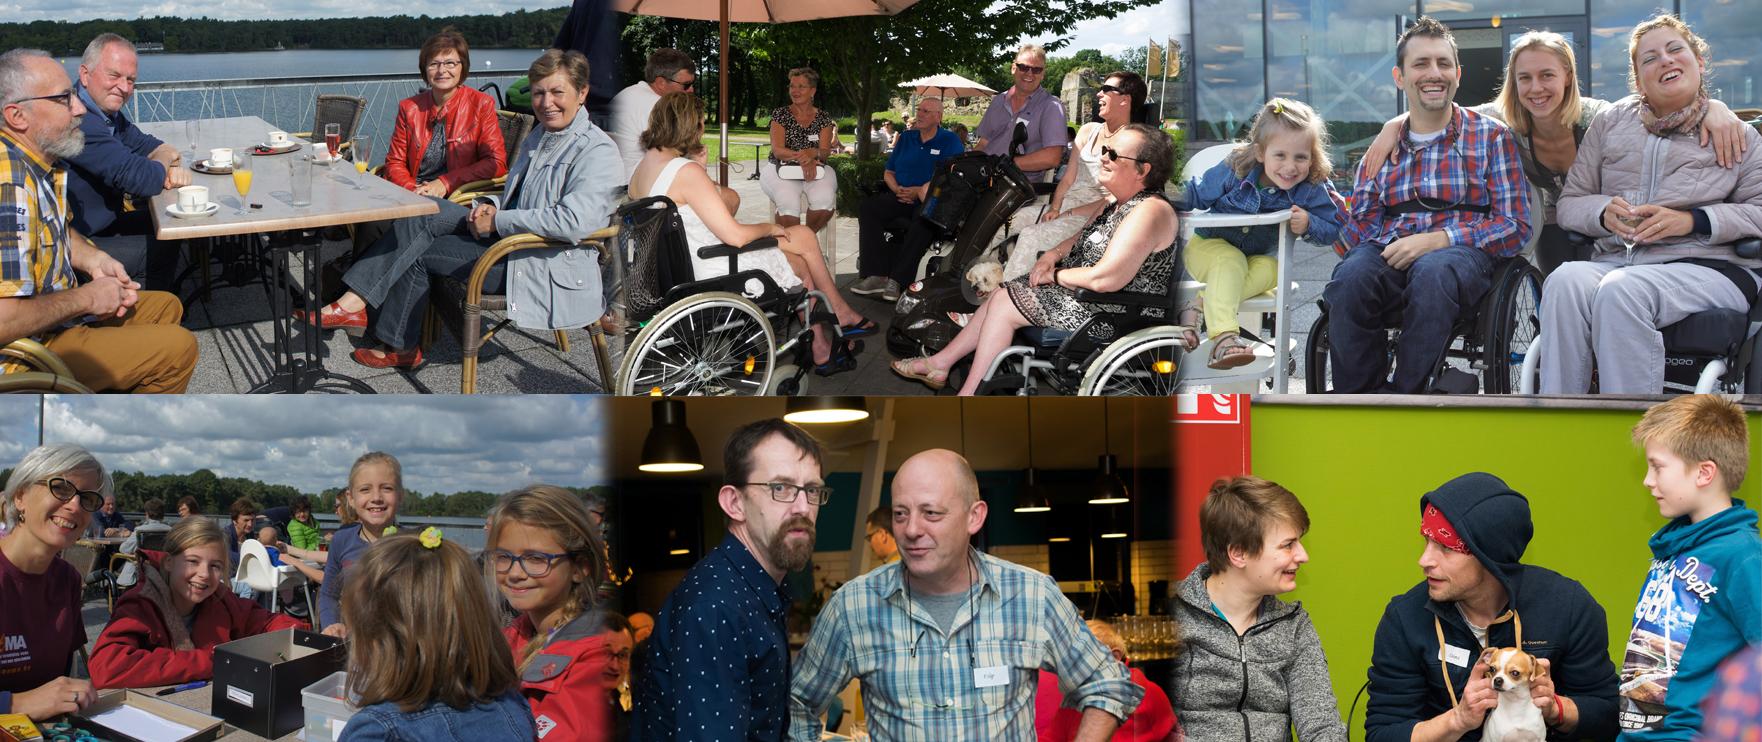 Lotgenotencontact_SpierziektenVlaanderen Project - Lotgenotenbijeenkomsten